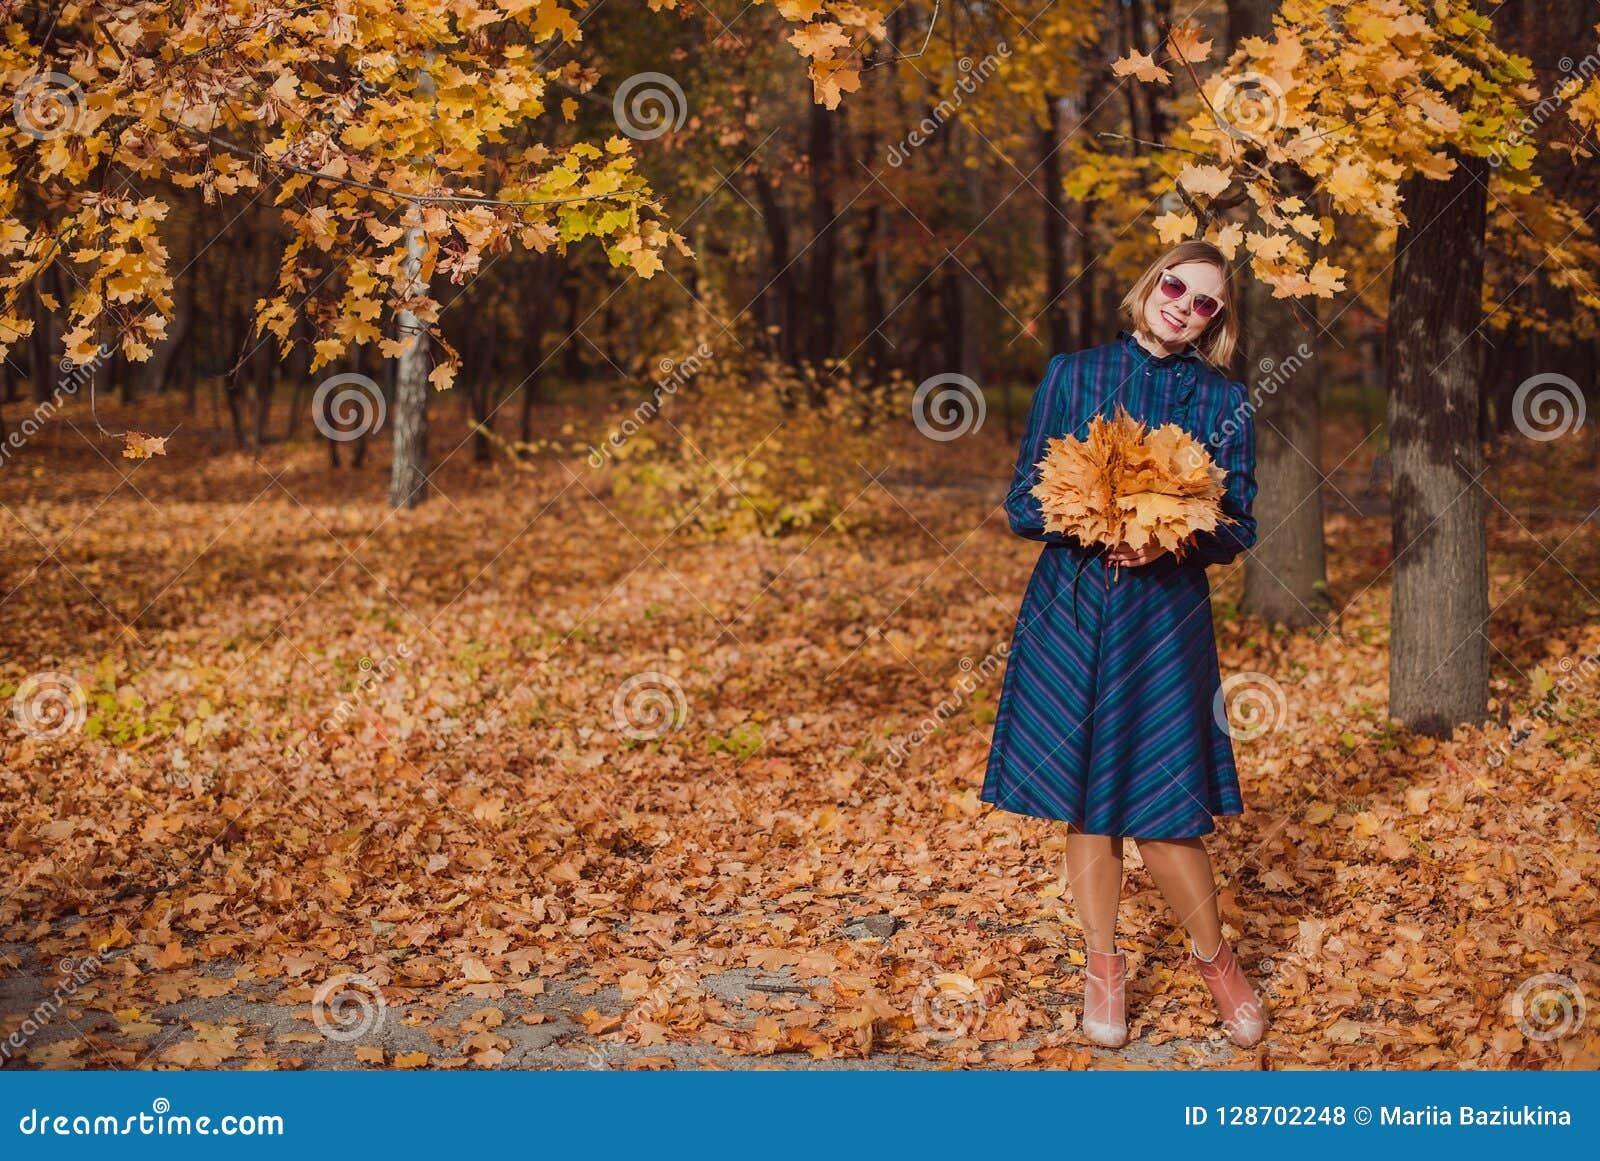 Молодая женщина при светлые волосы нося голубое платье идя в парк осени